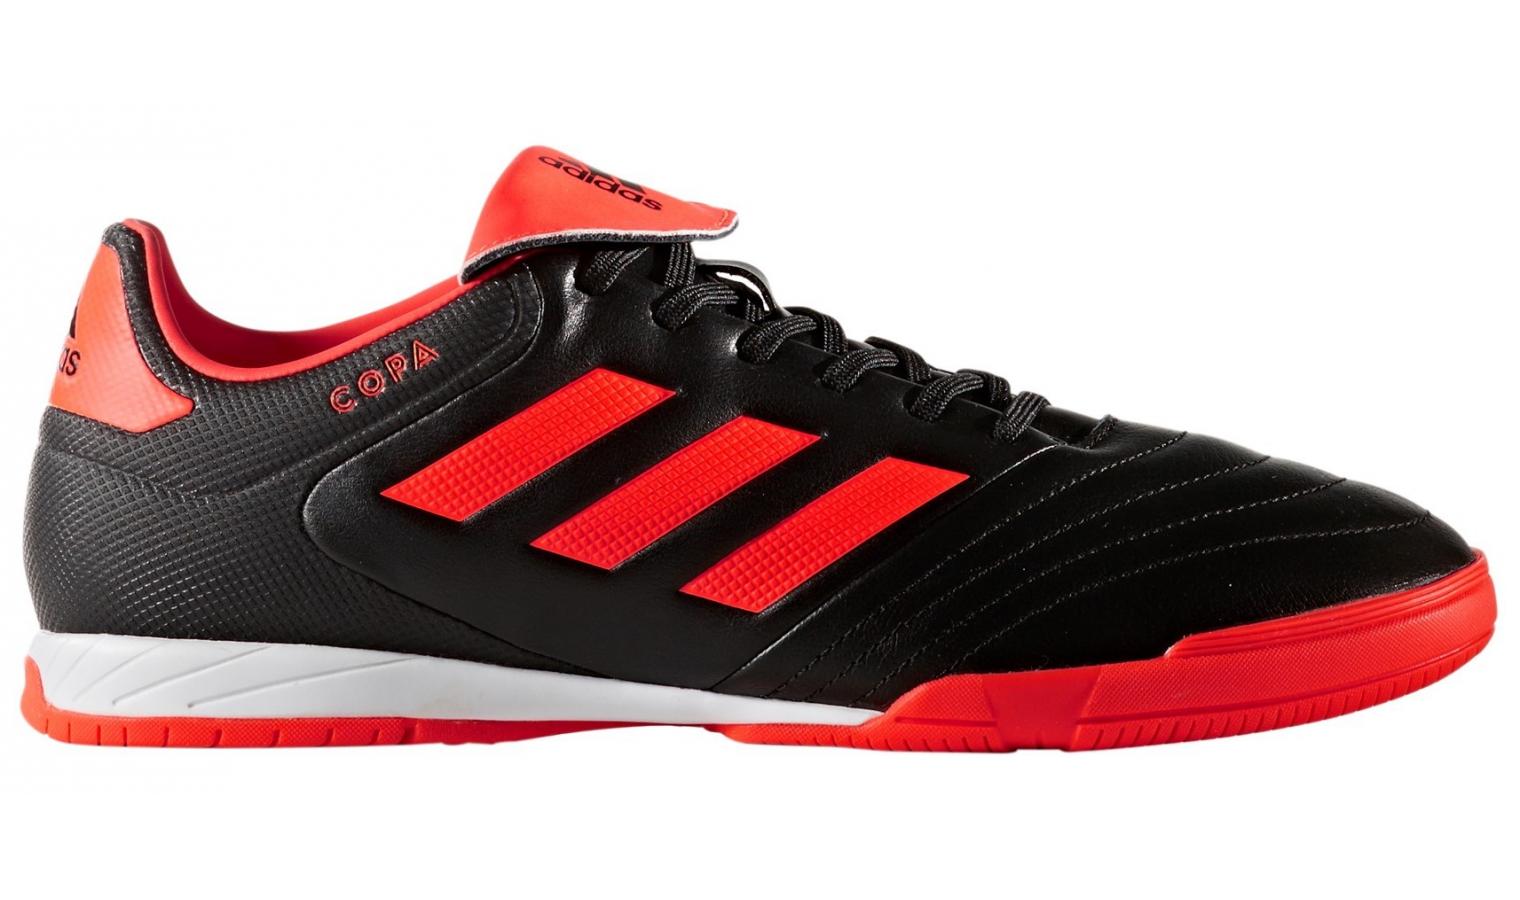 a3b2f54ac8 Halovky adidas COPA TANGO 17.3 IN čierno-červené